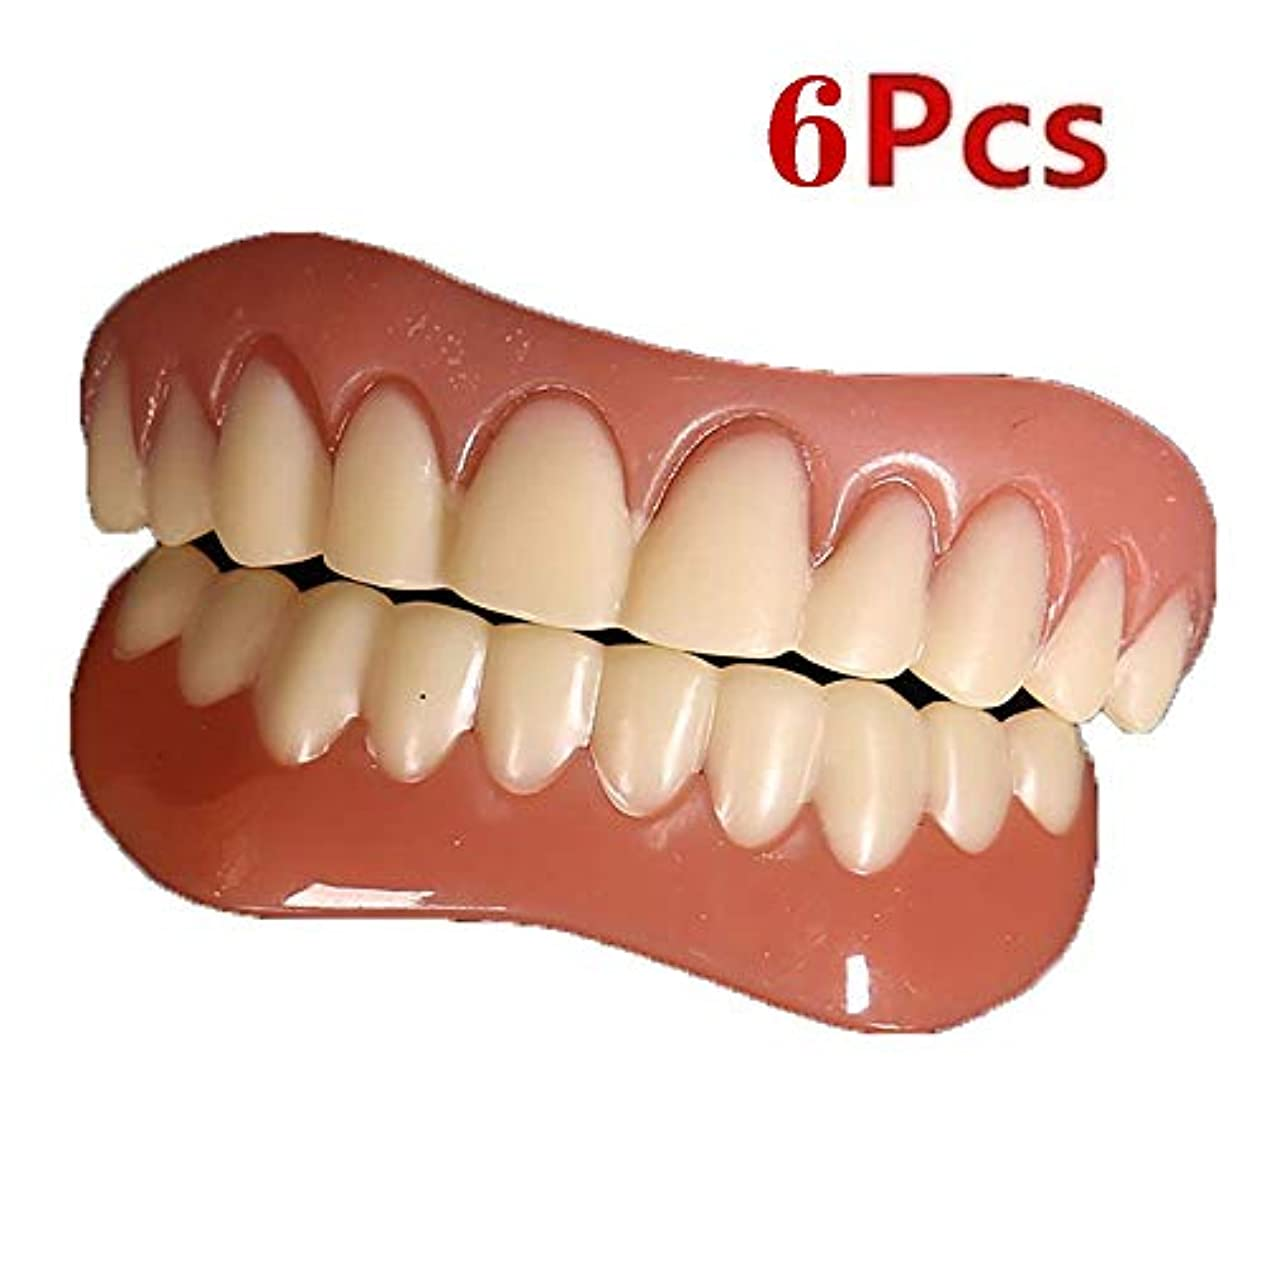 インシュレータ実際にプラットフォーム6個のインスタントスマイルの歯アッパーロアーベニアの快適さフィットの歯のベニヤ、ワンサイズは数分以内に自宅であなたの笑顔を直す